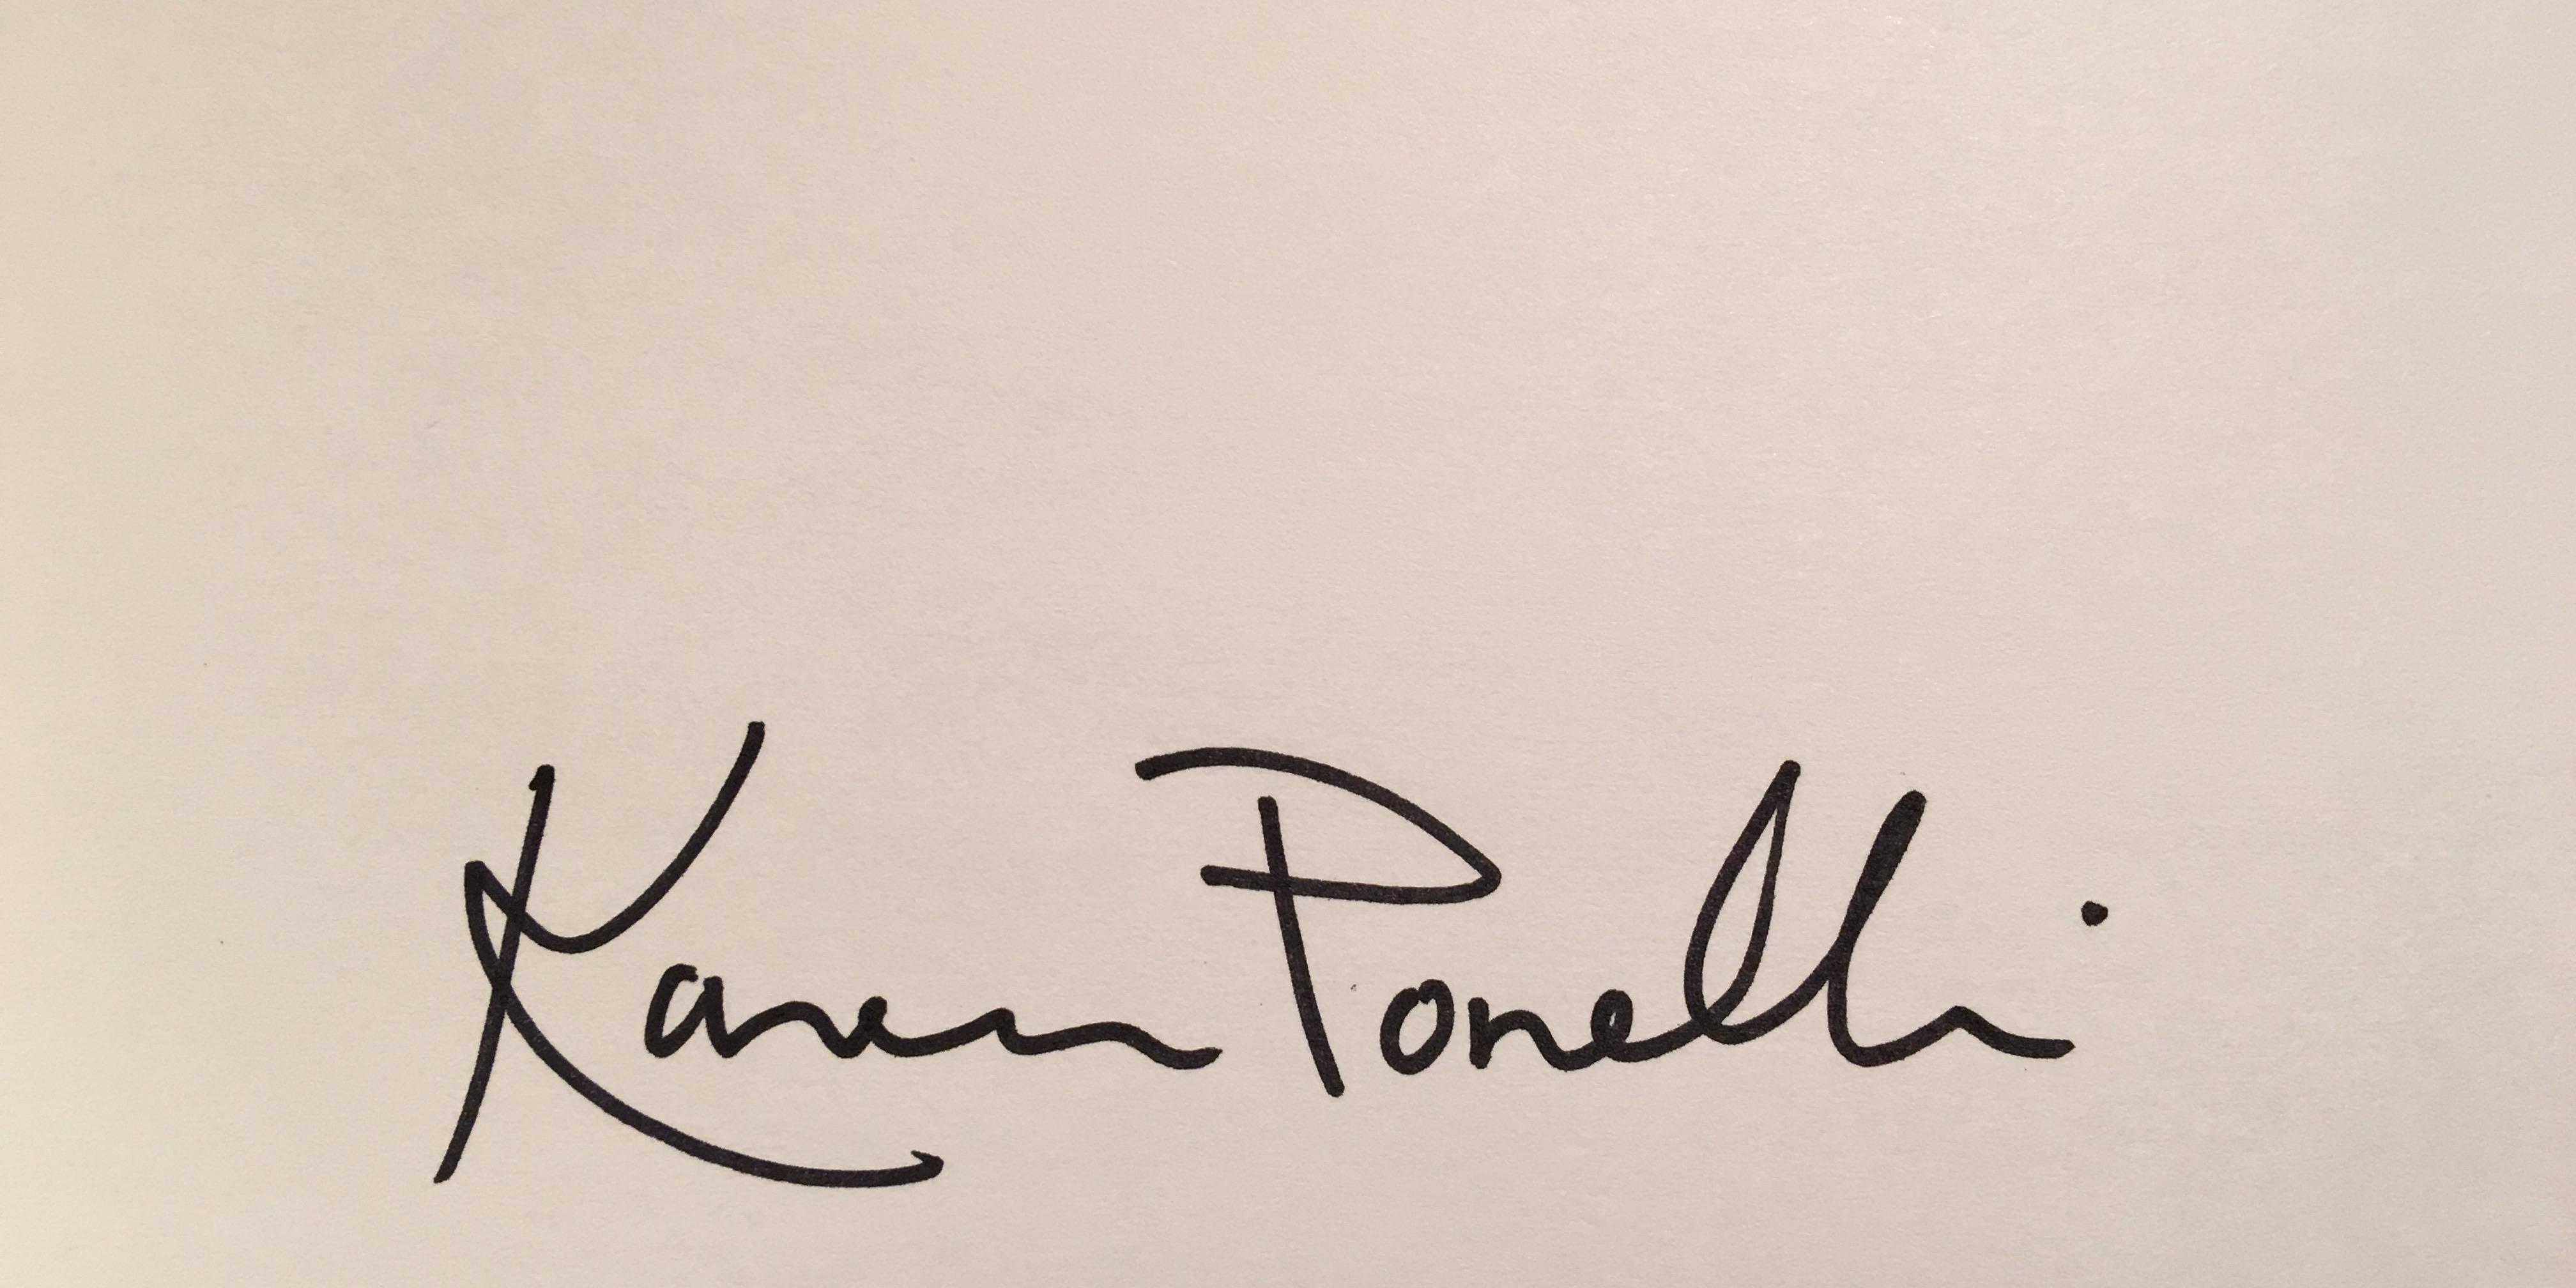 Karen Ponelli's Signature